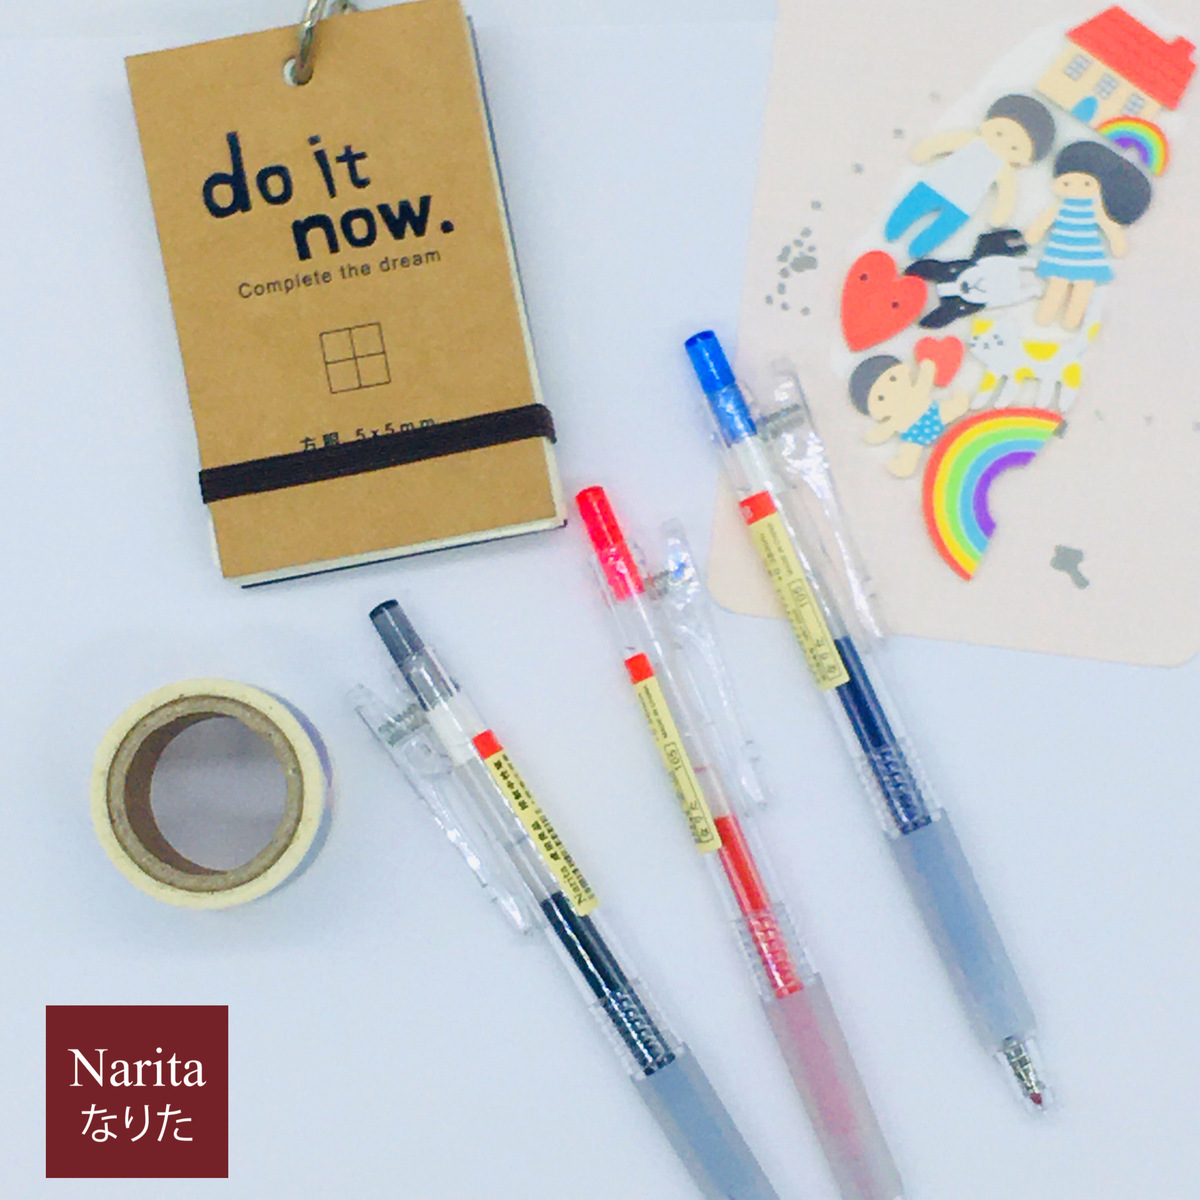 ปากกาเจล NARITA  รุ่น 105 ขนาด 0.38 mm ดีไซน์ด้ามกลม เส้นเล็ก